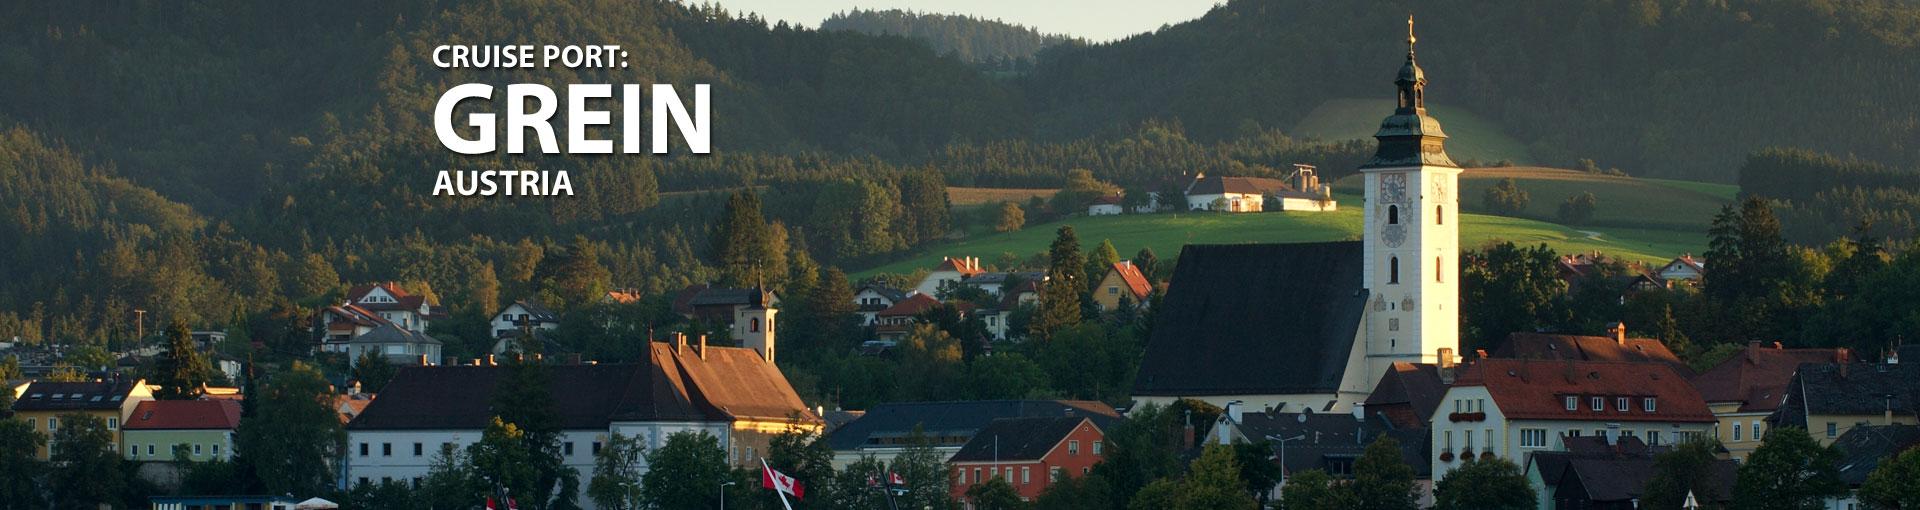 Cruises to Grein, Austria